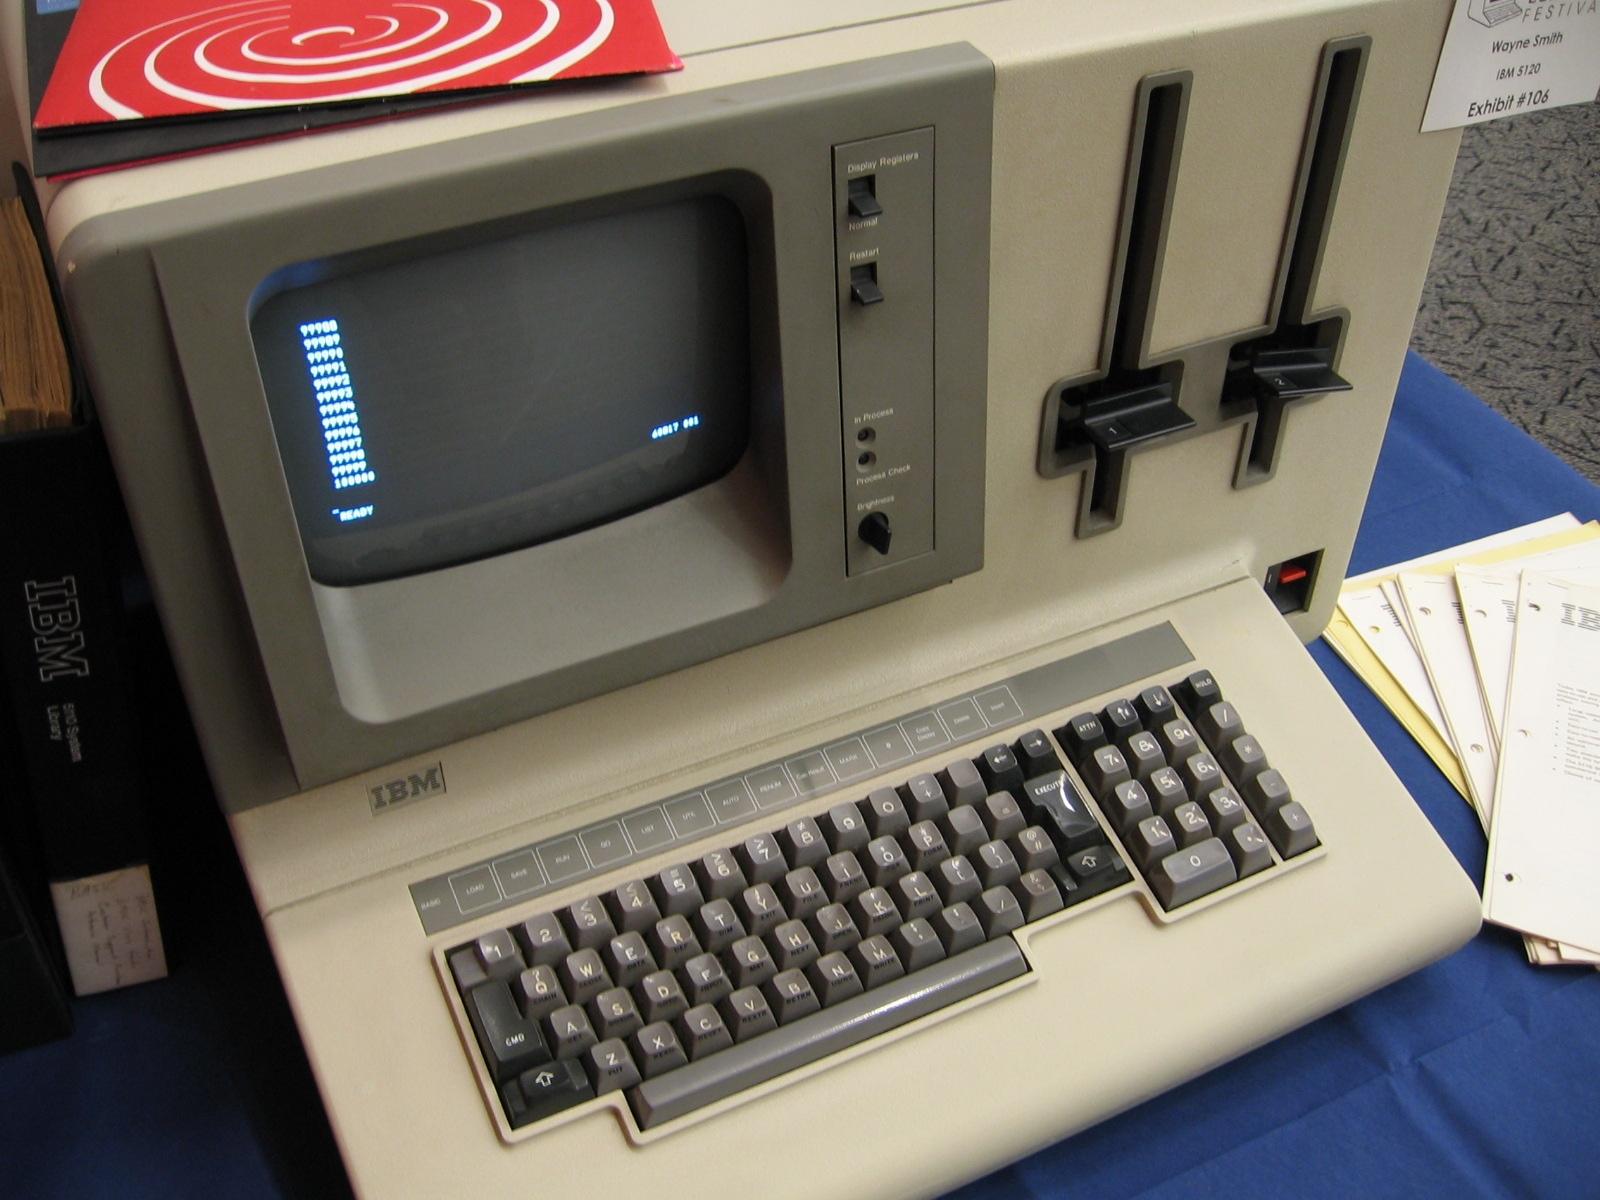 IBM 5120.jpg